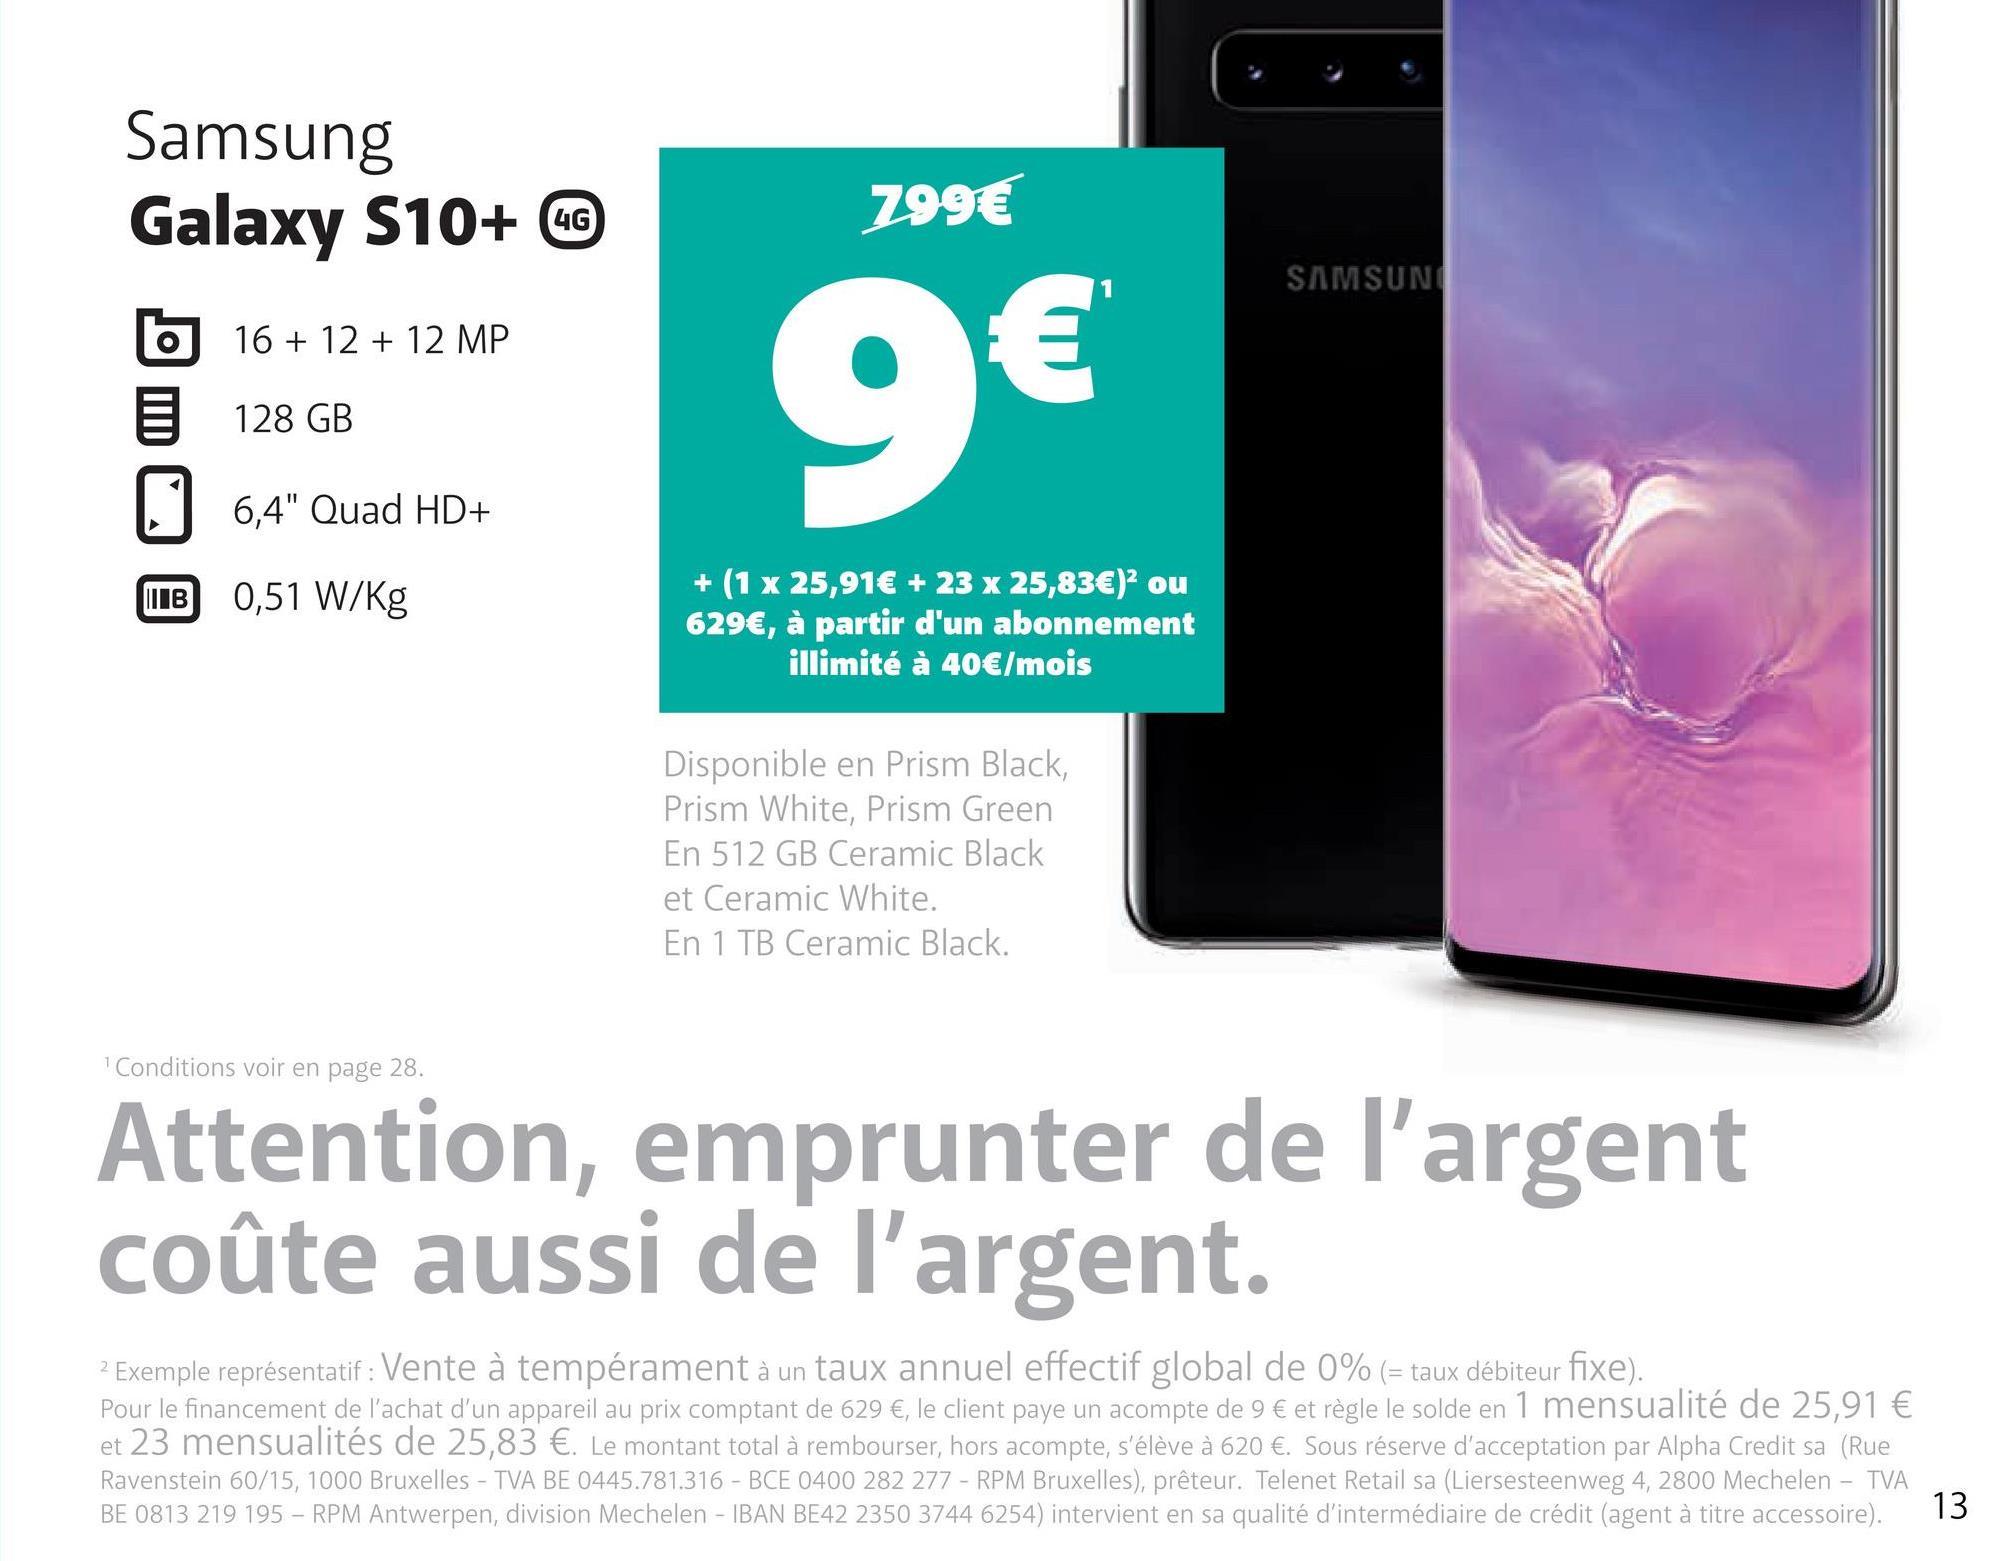 """299€ Samsung Galaxy S10+ 0 16 + 12 + 12 MP 128 GB SAMSUN 6,4"""" Quad HD+ B 0,51 W/kg + (1 x 25,91€ + 23 x 25,83€) ou 629€, à partir d'un abonnement illimité à 40€/mois Disponible en Prism Black, Prism White, Prism Green En 512 GB Ceramic Black et Ceramic White. En 1 TB Ceramic Black. Conditions voir en page 28. Attention, emprunter de l'argent coûte aussi de l'argent. 2 Exemple représentatif: Vente à tempérament à un taux annuel effectif global de 0% (= taux débiteur fixe). Pour le financement de l'achat d'un appareil au prix comptant de 629 €, le client paye un acompte de 9 € et règle le solde en 1 mensualité de 25,91 € et 23 mensualités de 25,83 €. Le montant total à rembourser, hors acompte, s'élève à 620 €. Sous réserve d'acceptation par Alpha Credit sa (Rue Ravenstein 60/15, 1000 Bruxelles - TVA BE 0445.781.316 - BCE 0400 282 277 - RPM Bruxelles), prêteur. Telenet Retail sa (Liersesteenweg 4, 2800 Mechelen - TVA BE 0813 219 195 – RPM Antwerpen, division Mechelen - IBAN BE42 2350 3744 6254) intervient en sa qualité d'intermédiaire de crédit (agent à titre accessoire). 13"""